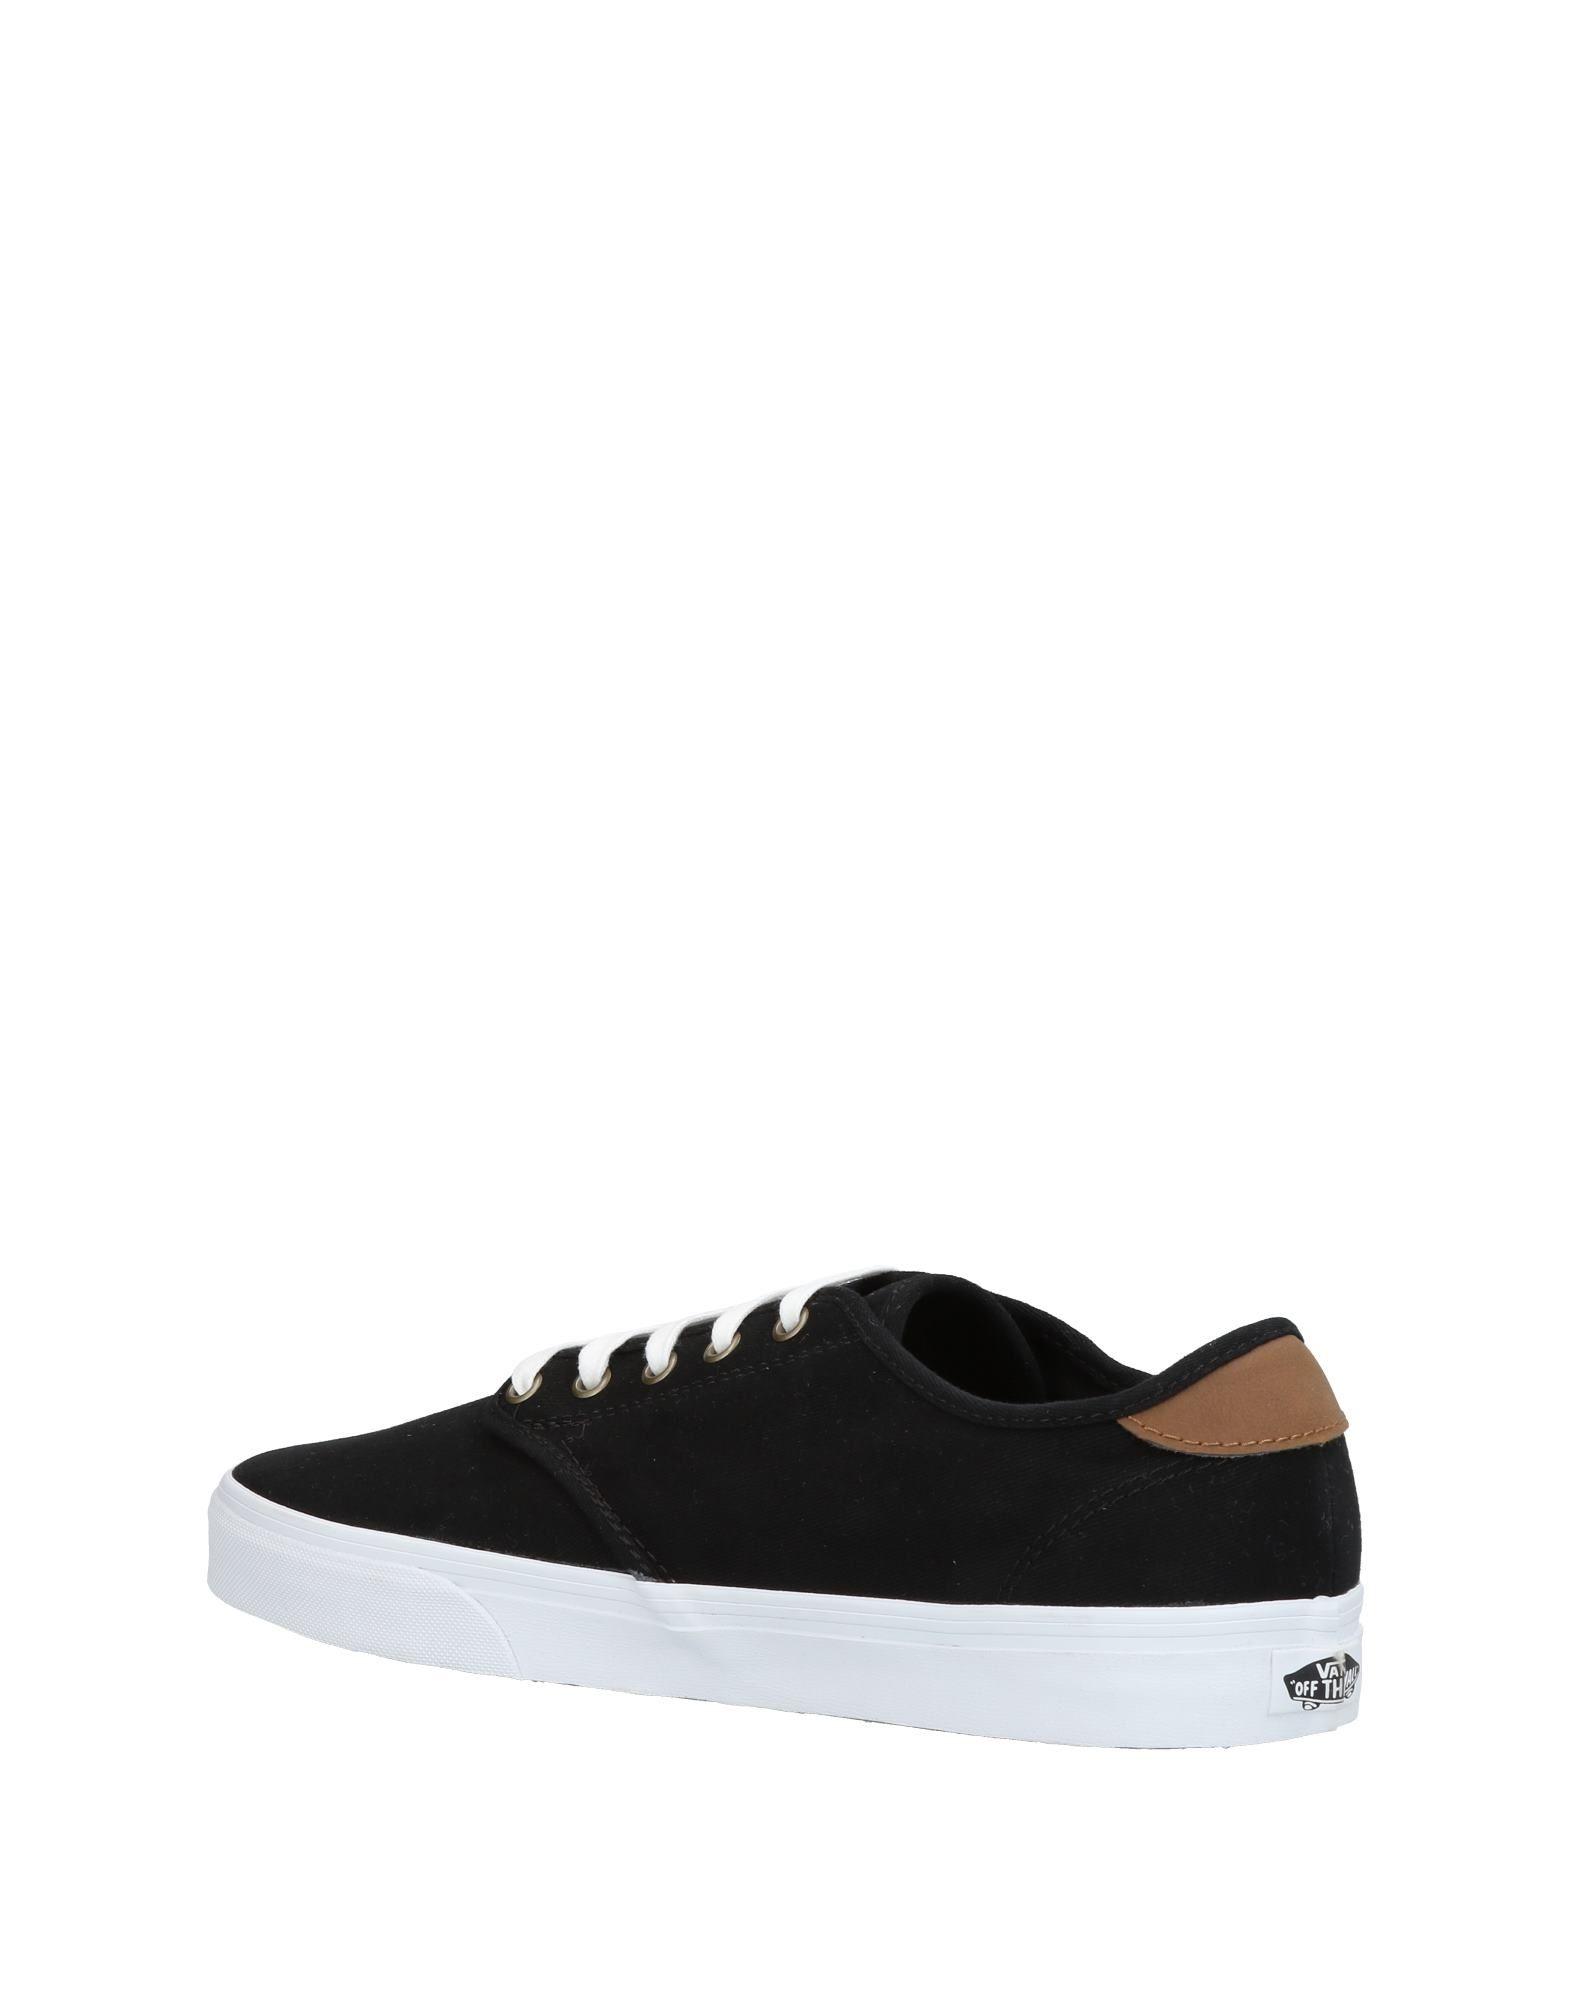 Vans Sneakers Herren Heiße  11448530OI Heiße Herren Schuhe c98813